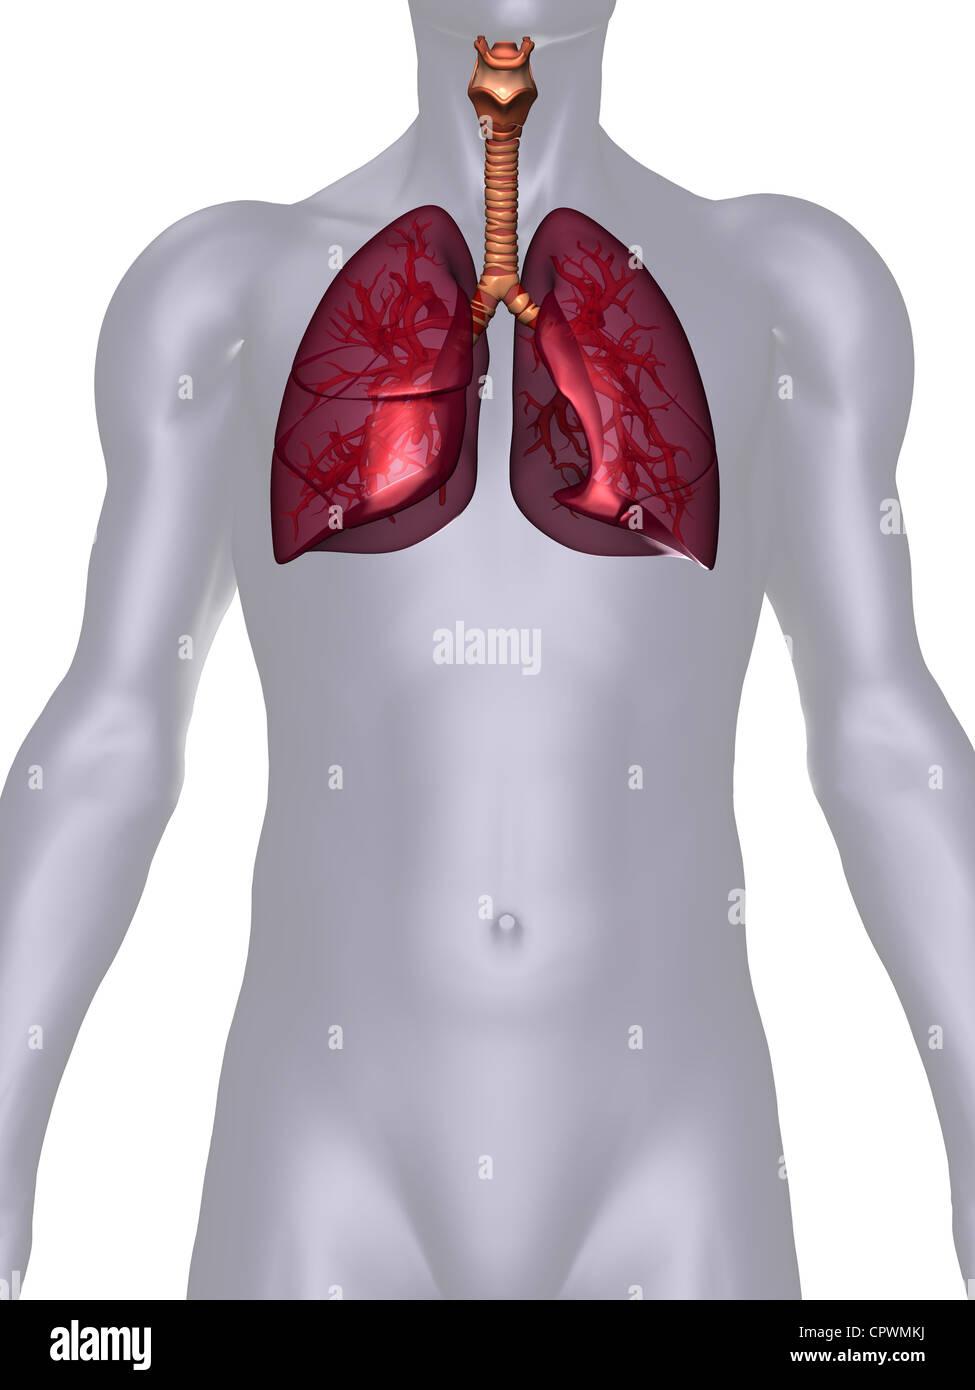 anatomische Darstellung des menschlichen Körpers zeigt die Lunge ...